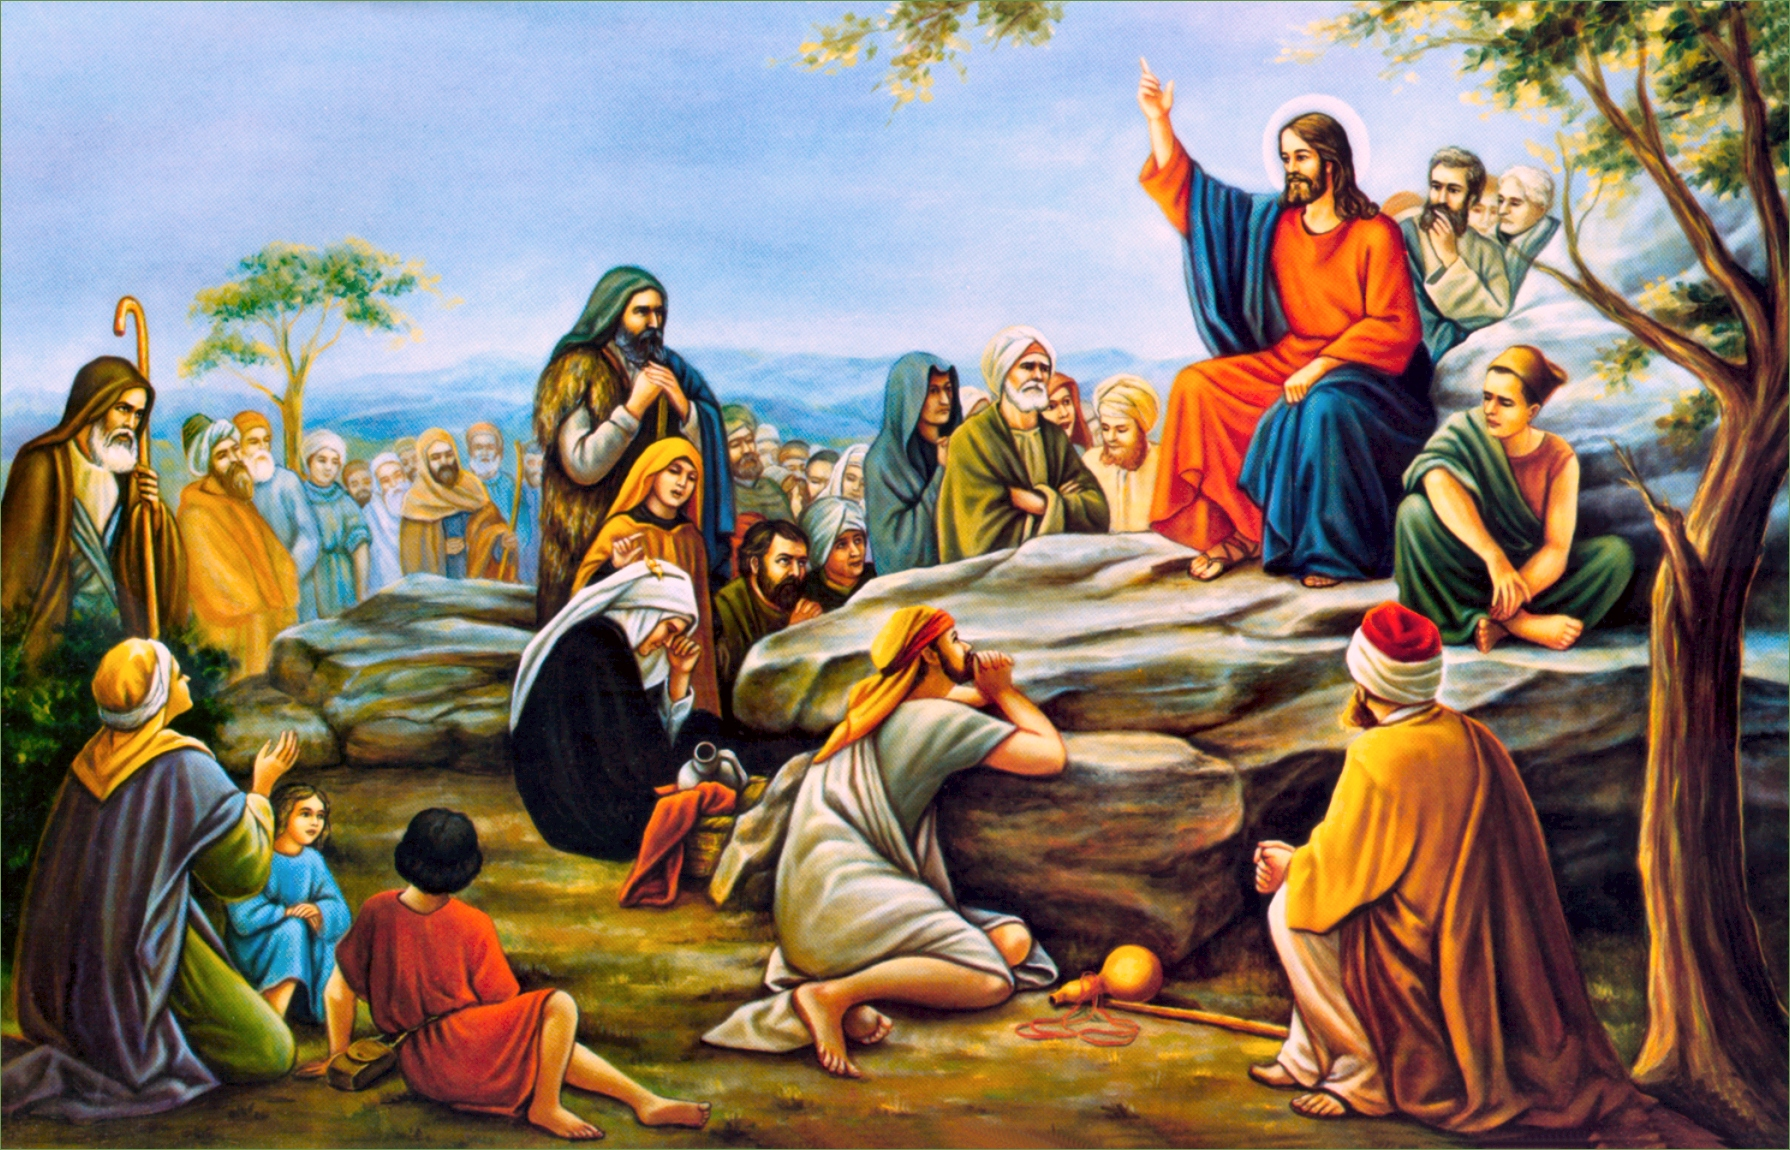 Інтерпретація притч Ісуса Христа та їх значення у сучасному світі